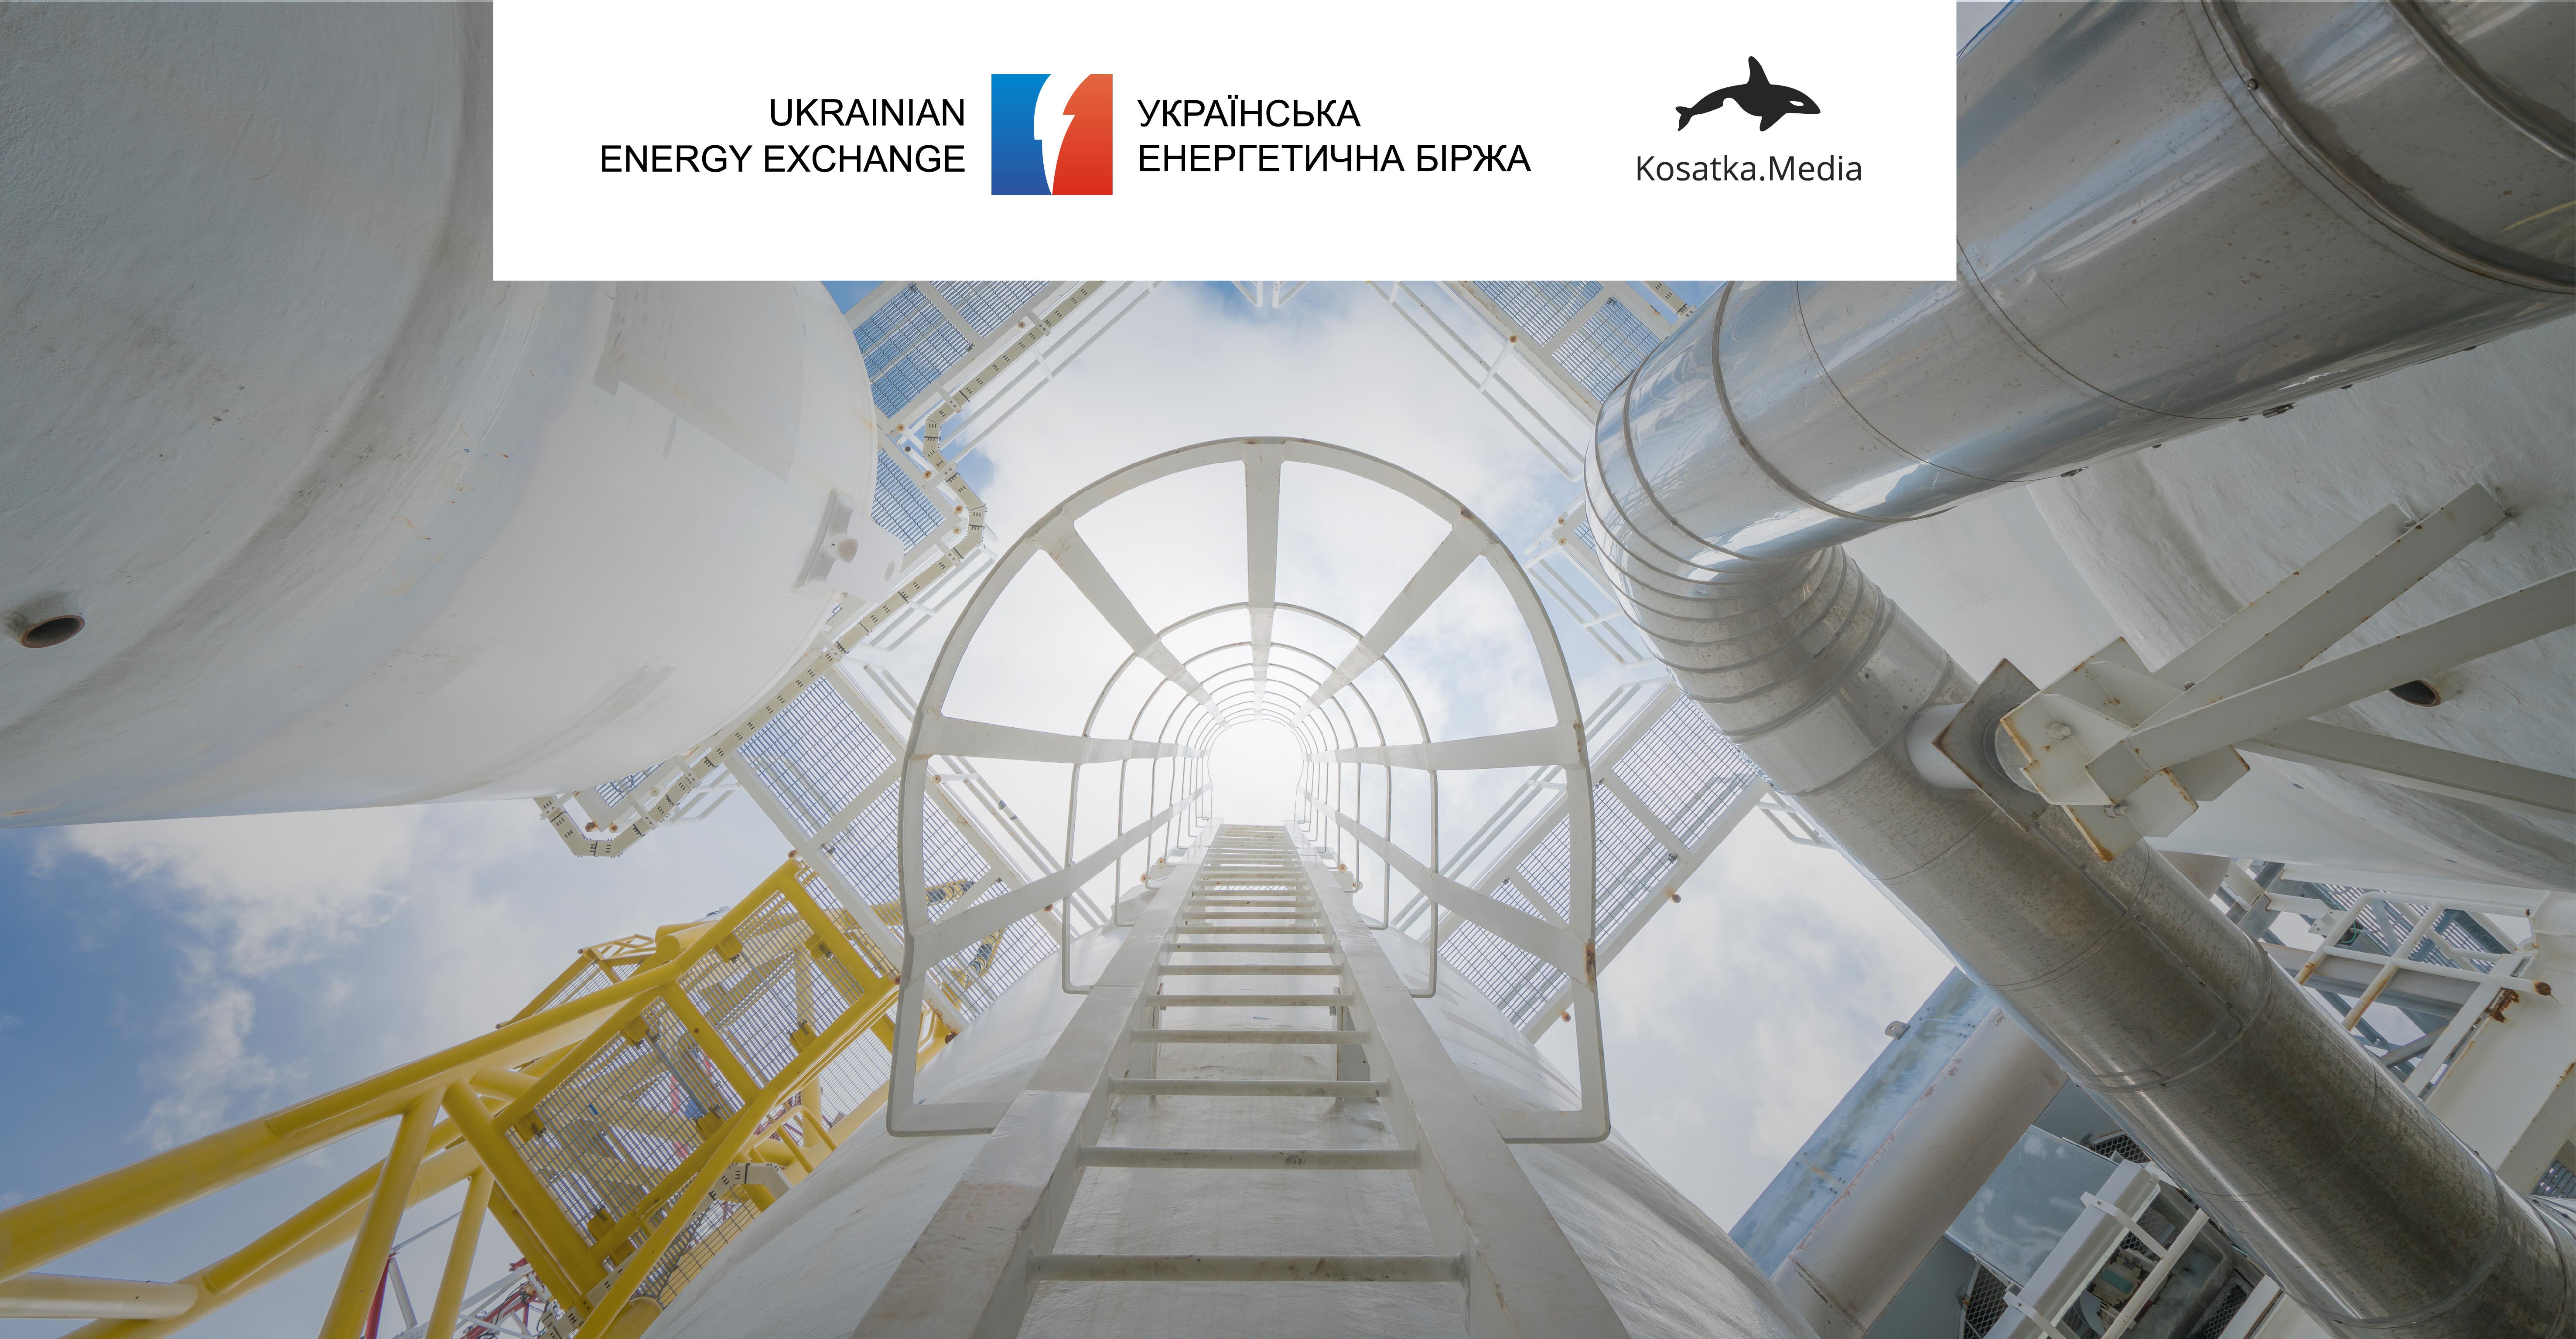 Украинская энергетическая биржа: рынок по европейским правилам